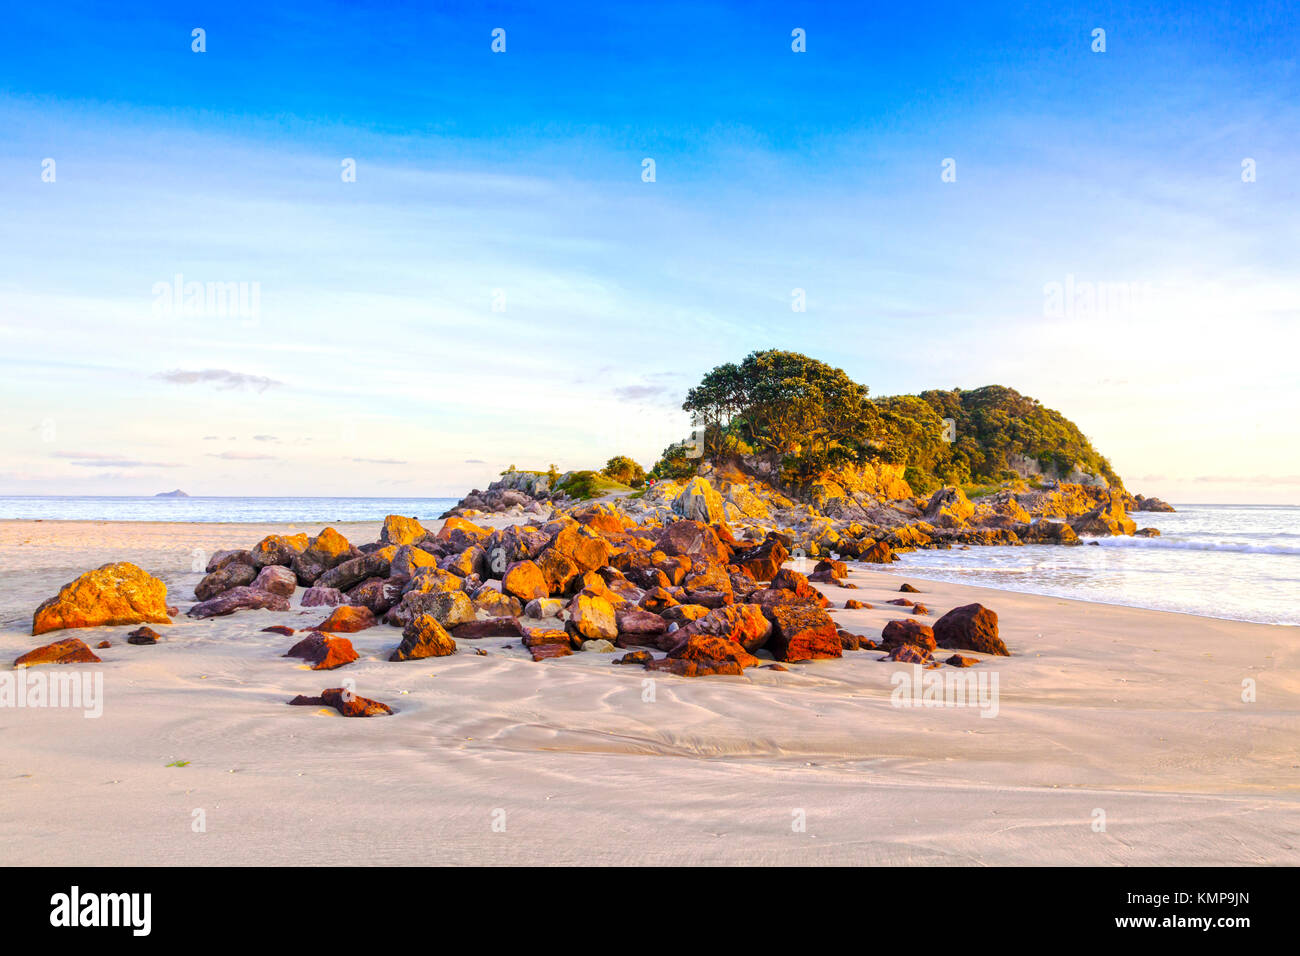 Beach, Mount Maunganui, Bay of Plenty, New Zealand. - Stock Image